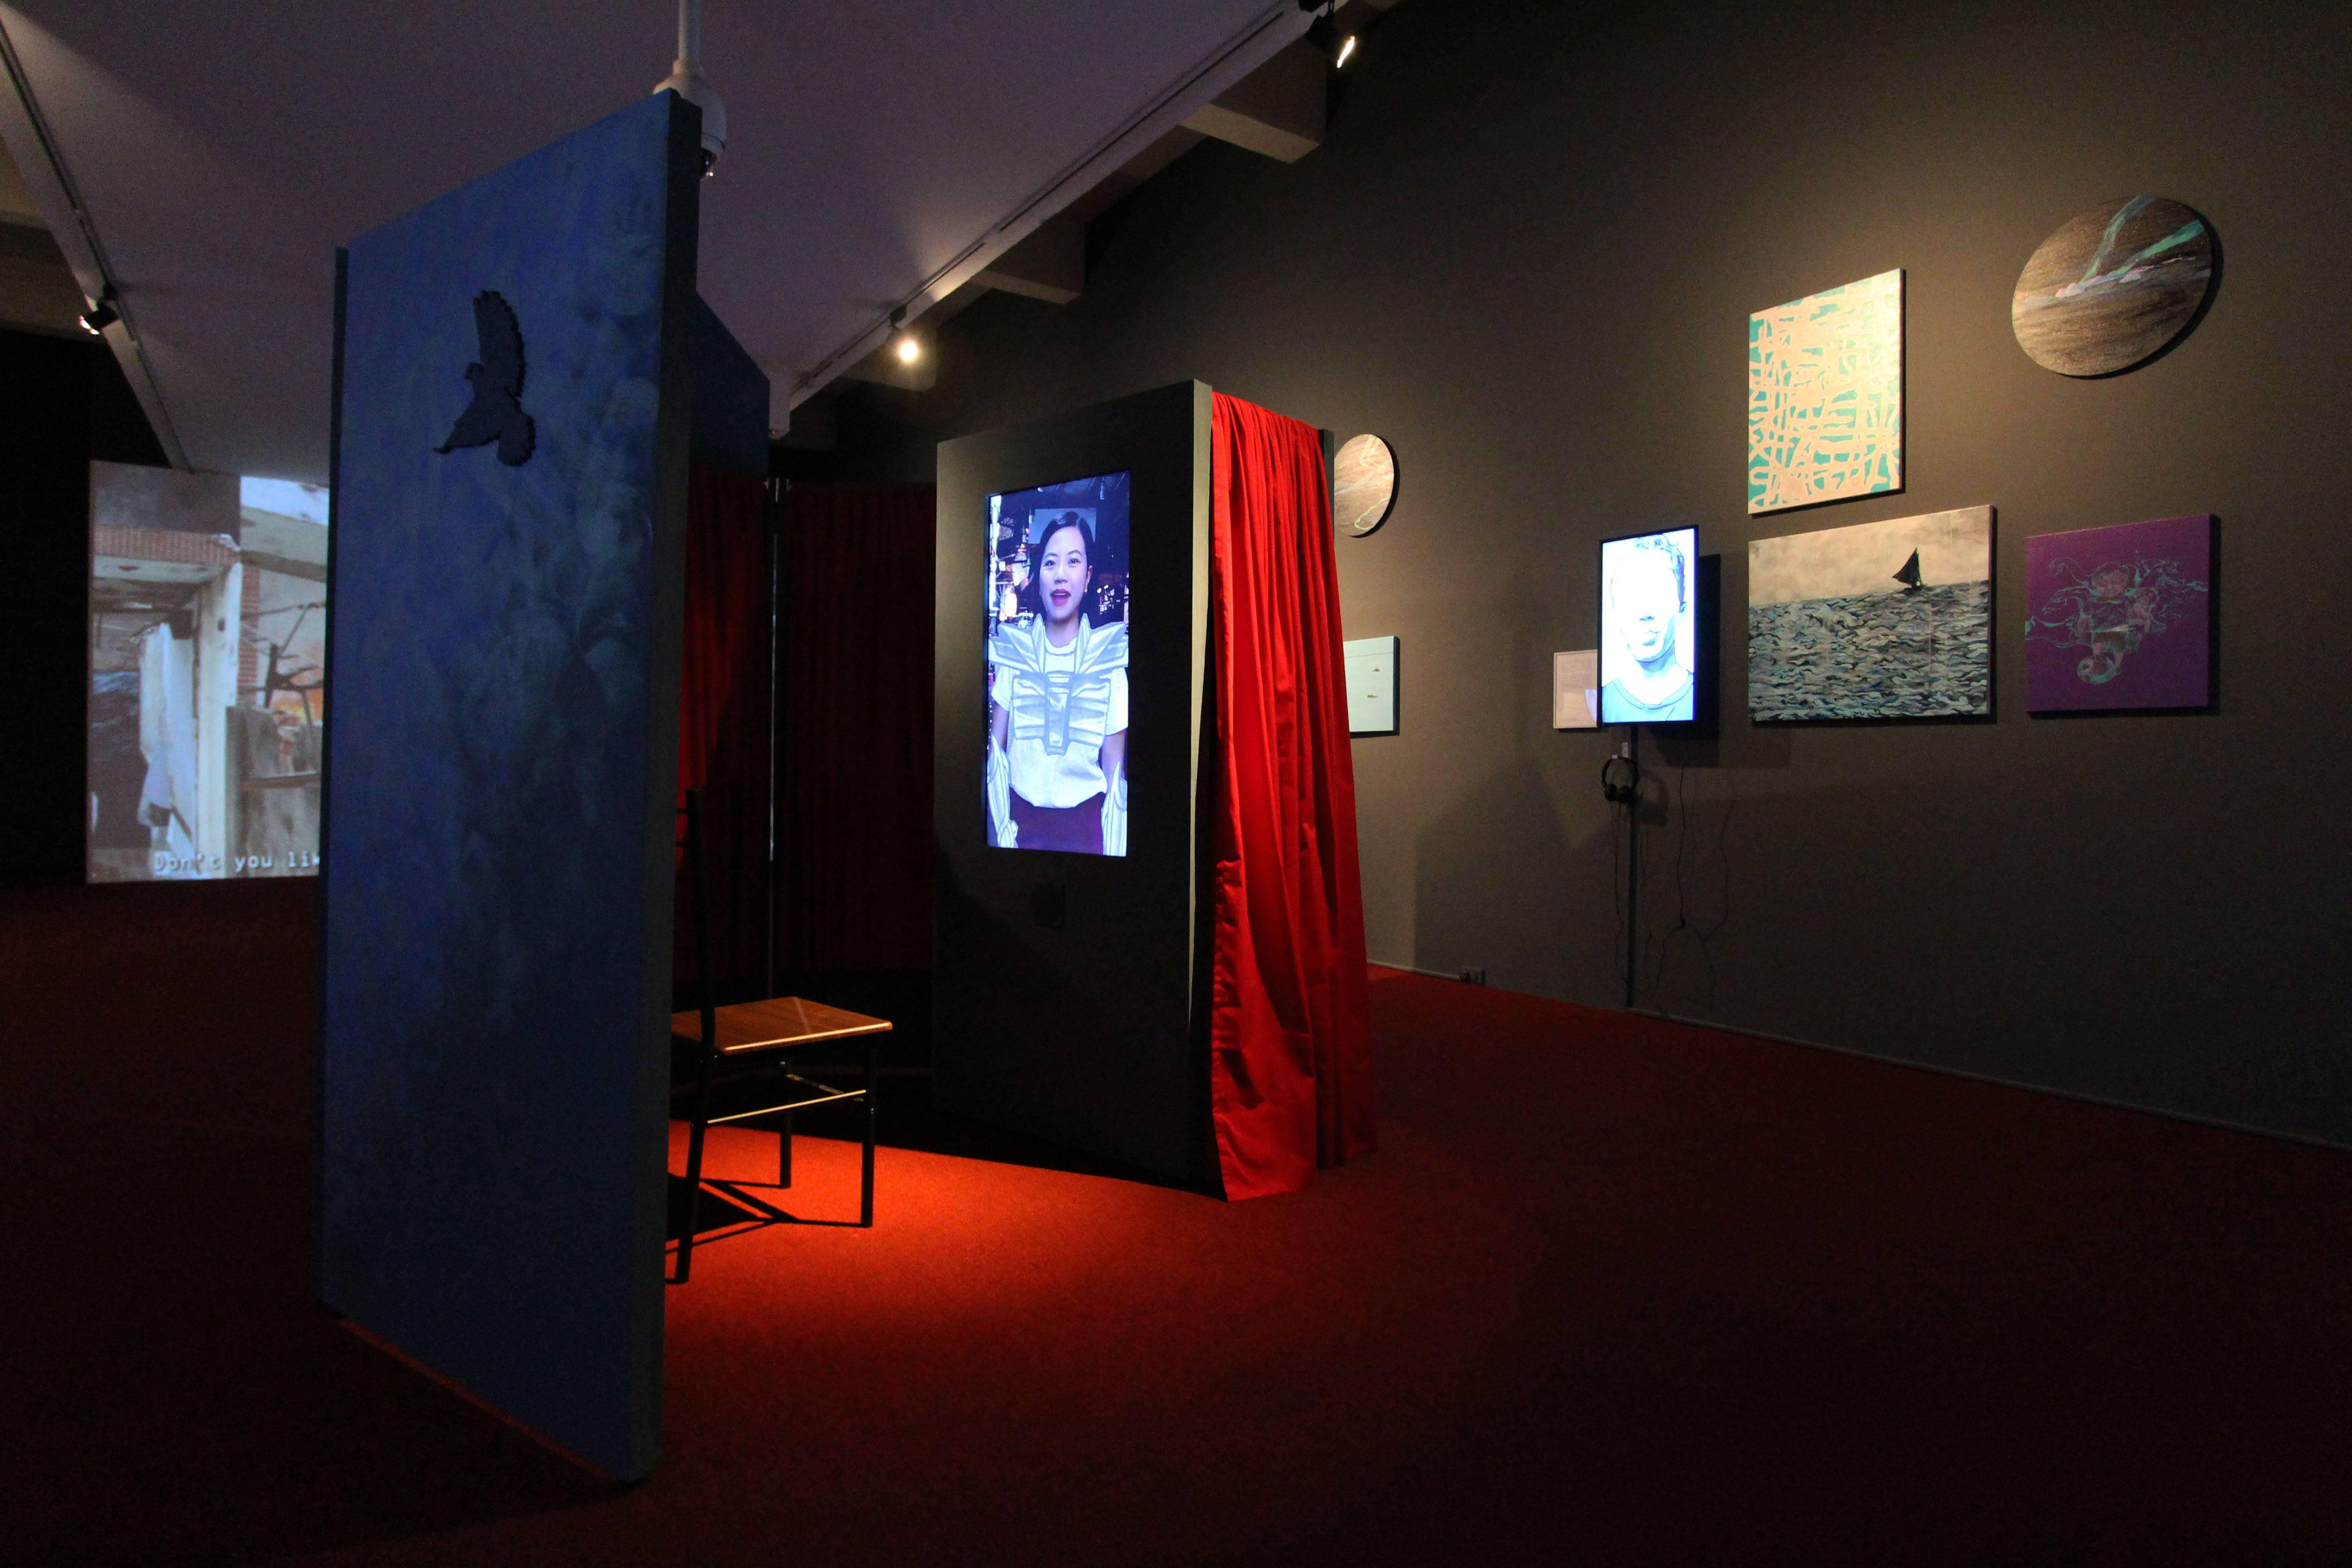 2018台北美術獎入選作品。陳依純,《進入世界系:地球防衛少年》,複合媒材、單頻道動態影像、雙頻道動態影像、影像裝置、影像、繪畫、翻譯文件,10分,2018。